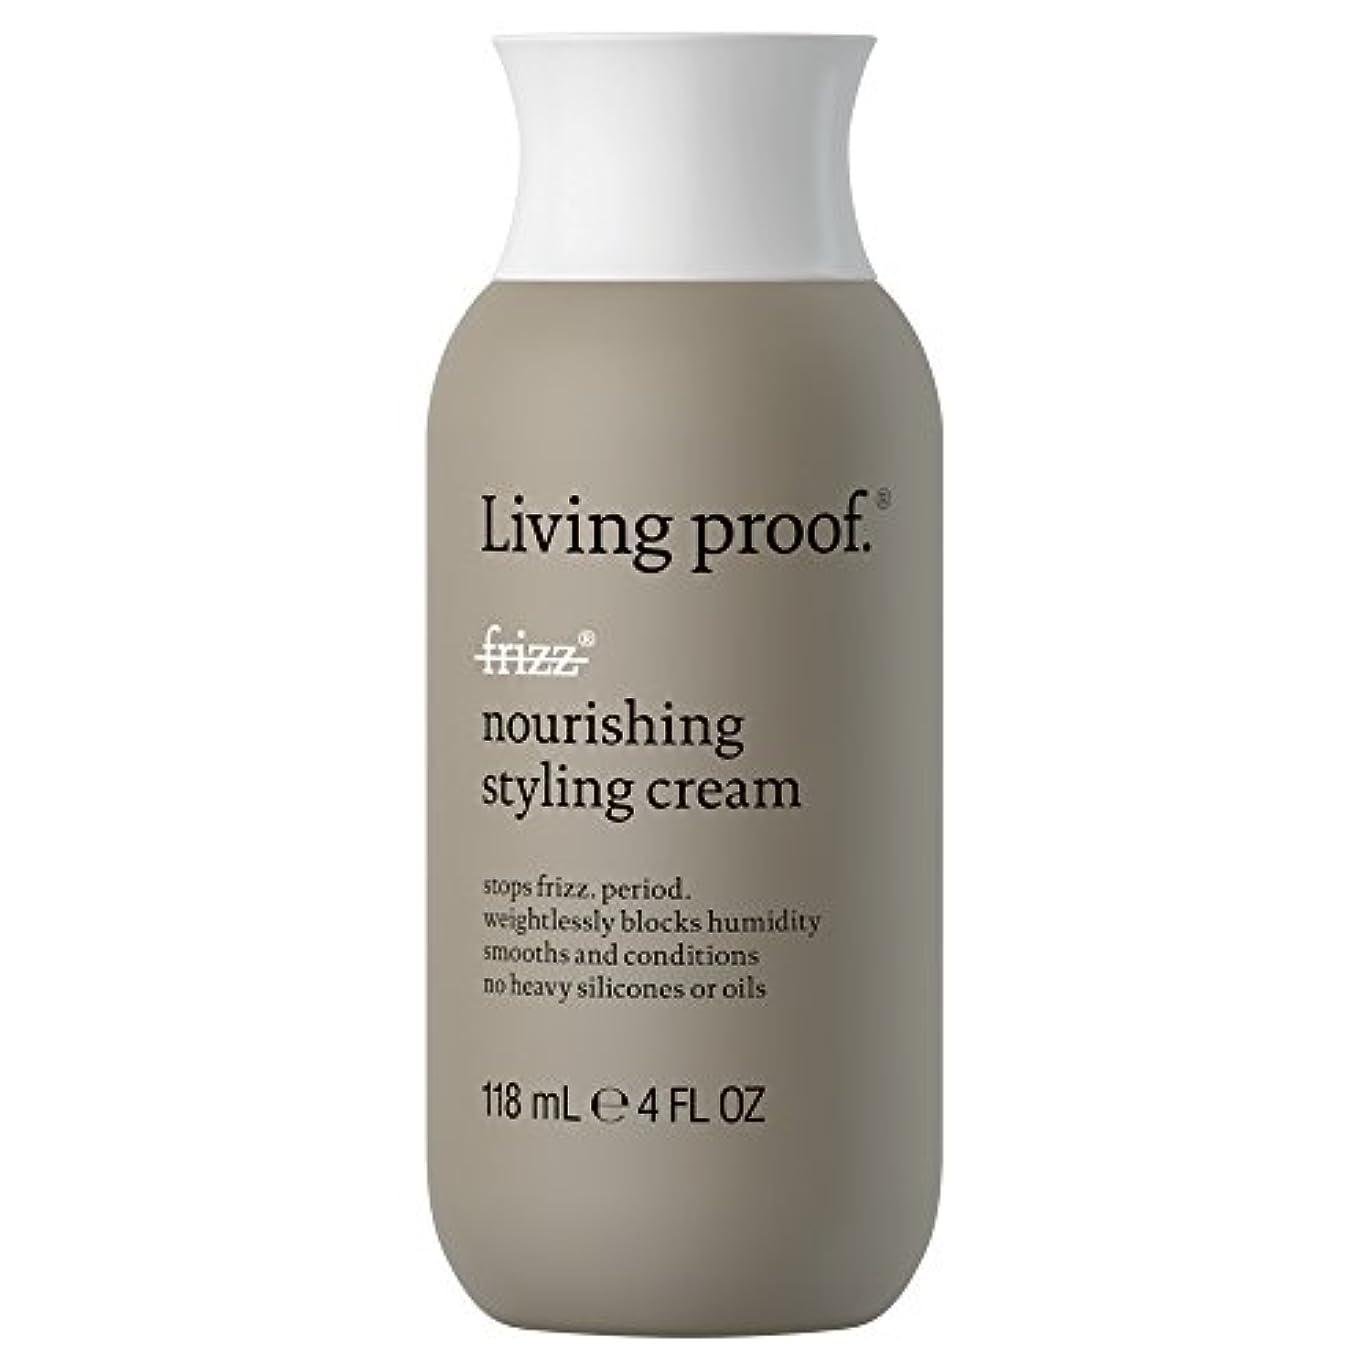 お肉資料悪性腫瘍生きている証拠なし縮れ栄養スタイリングクリーム118ミリリットル (Living Proof) - Living Proof No Frizz Nourishing Styling Cream 118ml [並行輸入品]